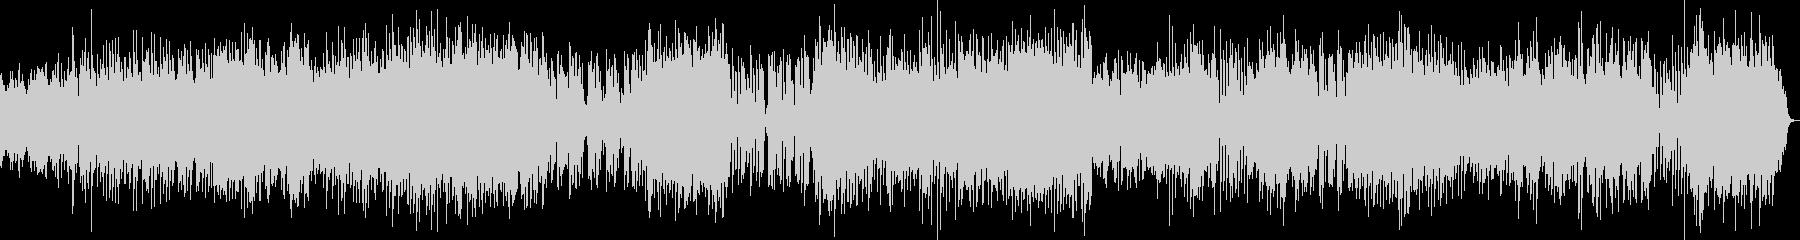 チェンバロの豪華な曲・2楽章(バッハ)の未再生の波形